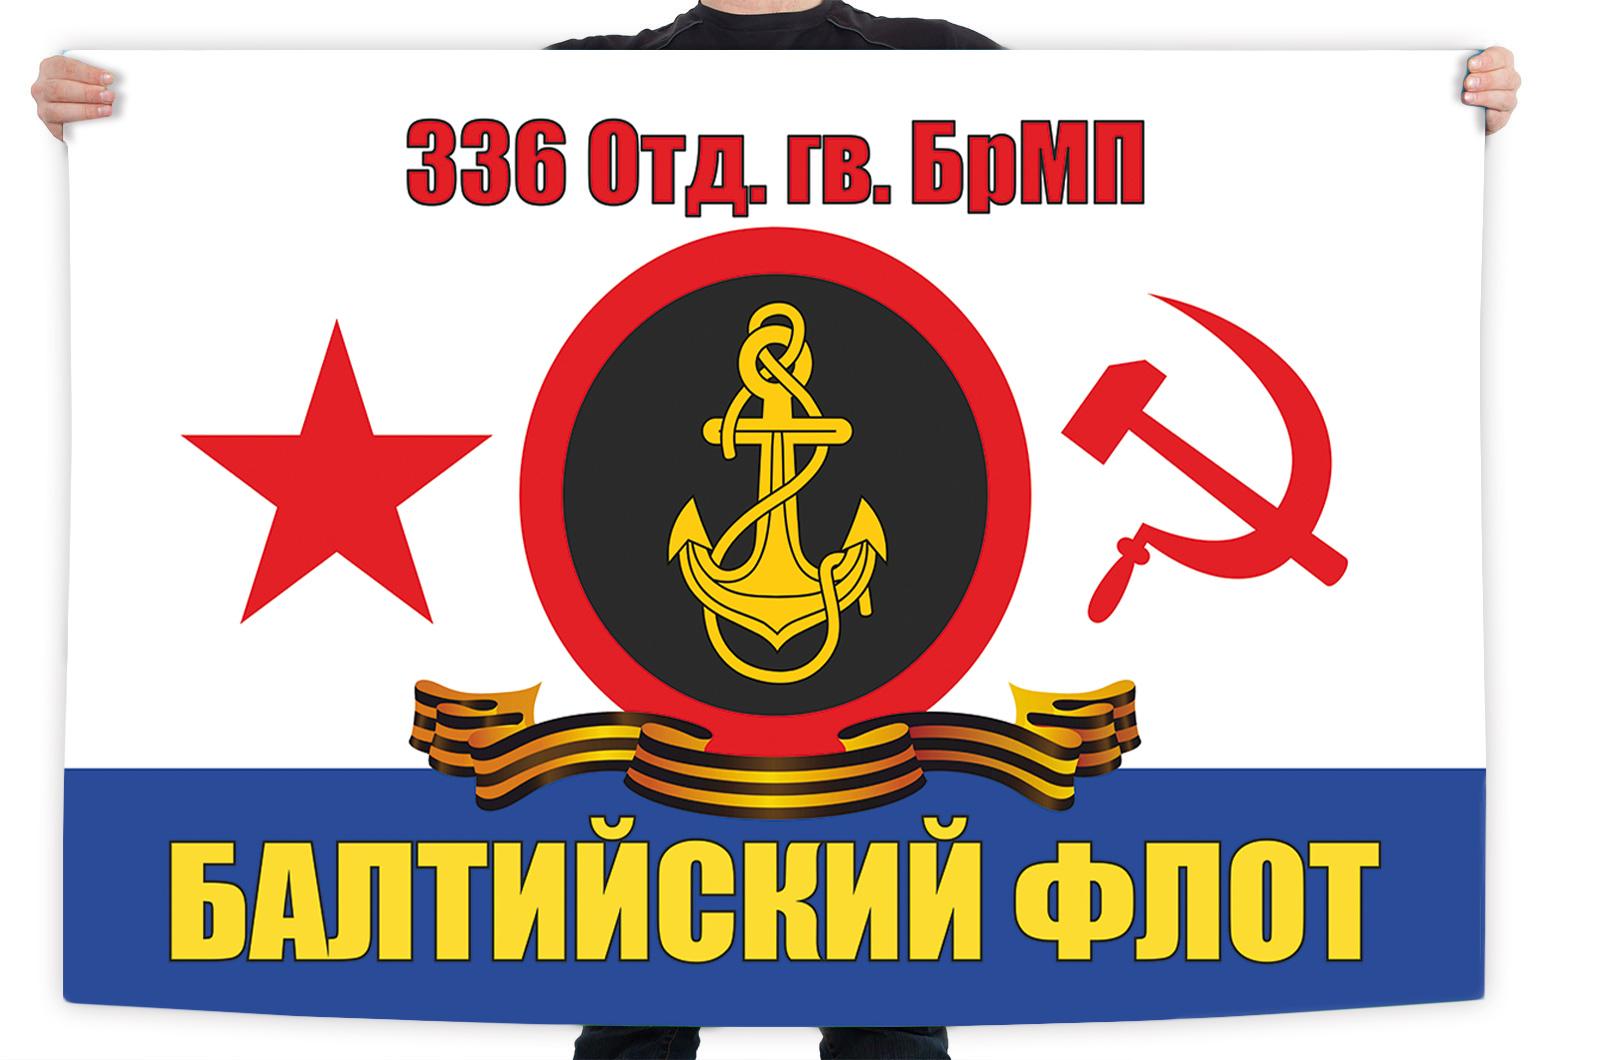 Флаг 336 Гв. ОБрМП Балтийского флота